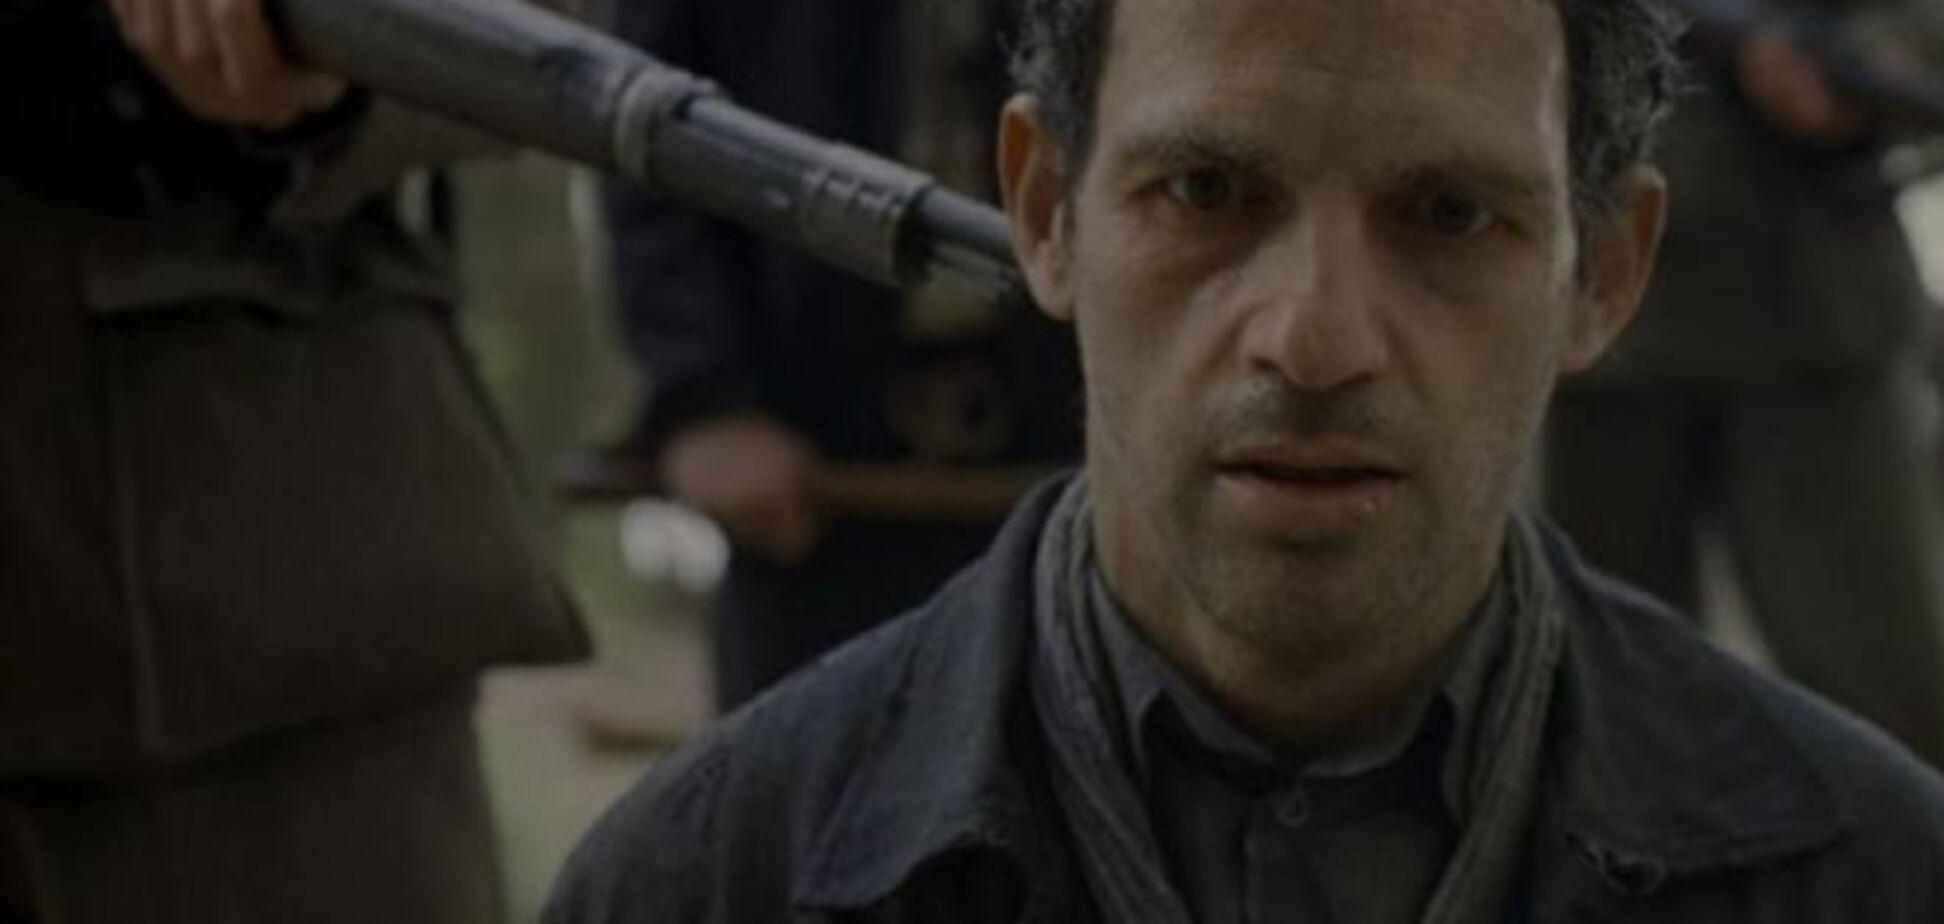 В Каннах Гран-при получил фильм о Холокосте и еврее-'нацисте'